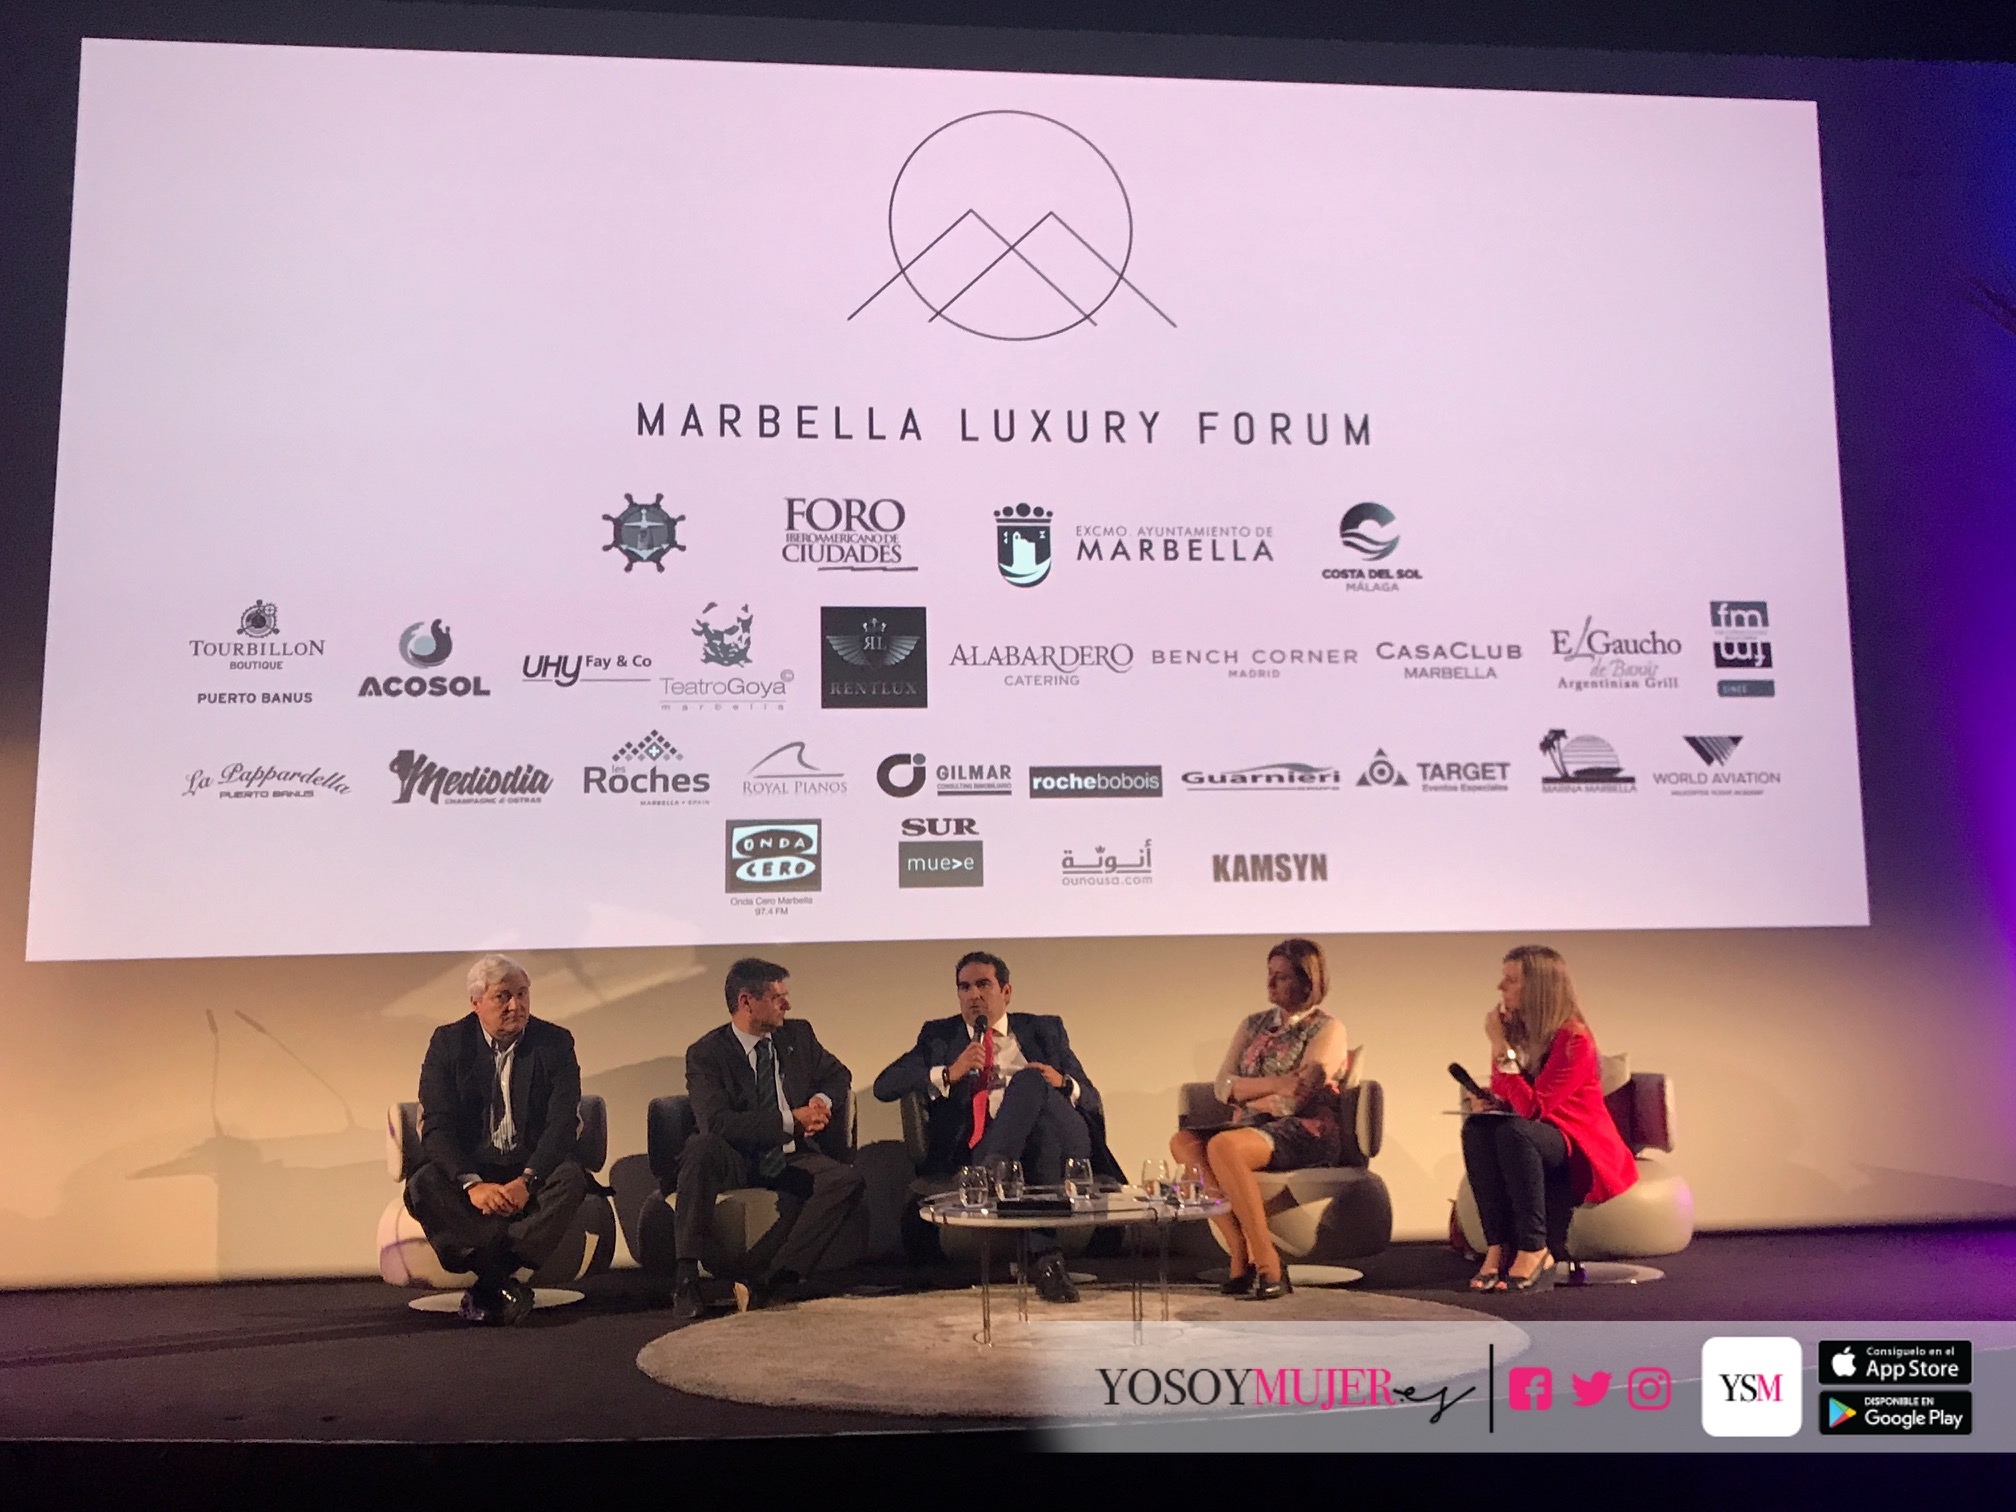 Yo-Soy-Mujer-Marbella-Forum-61